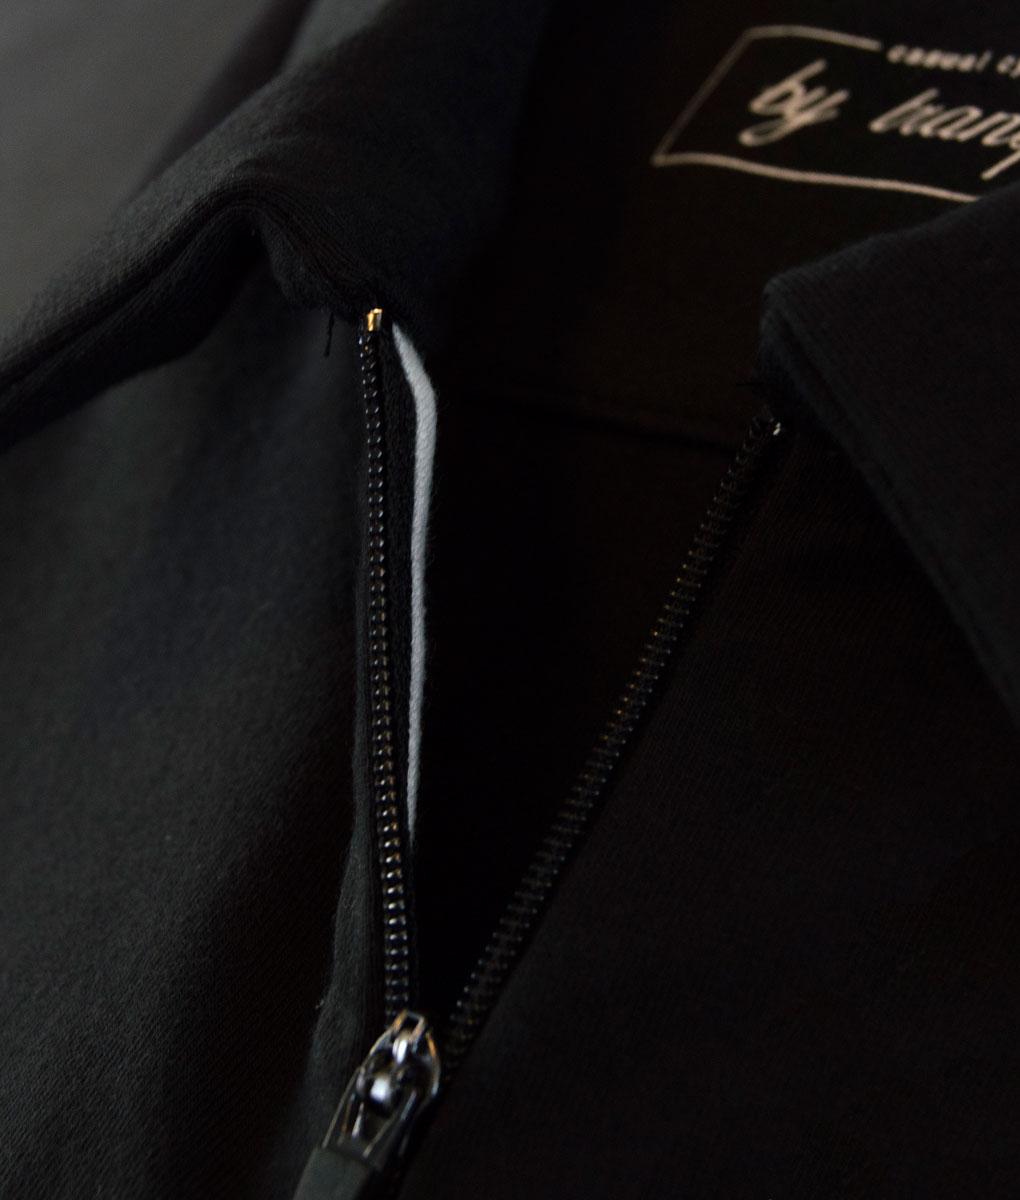 detalles-negra-rayas2